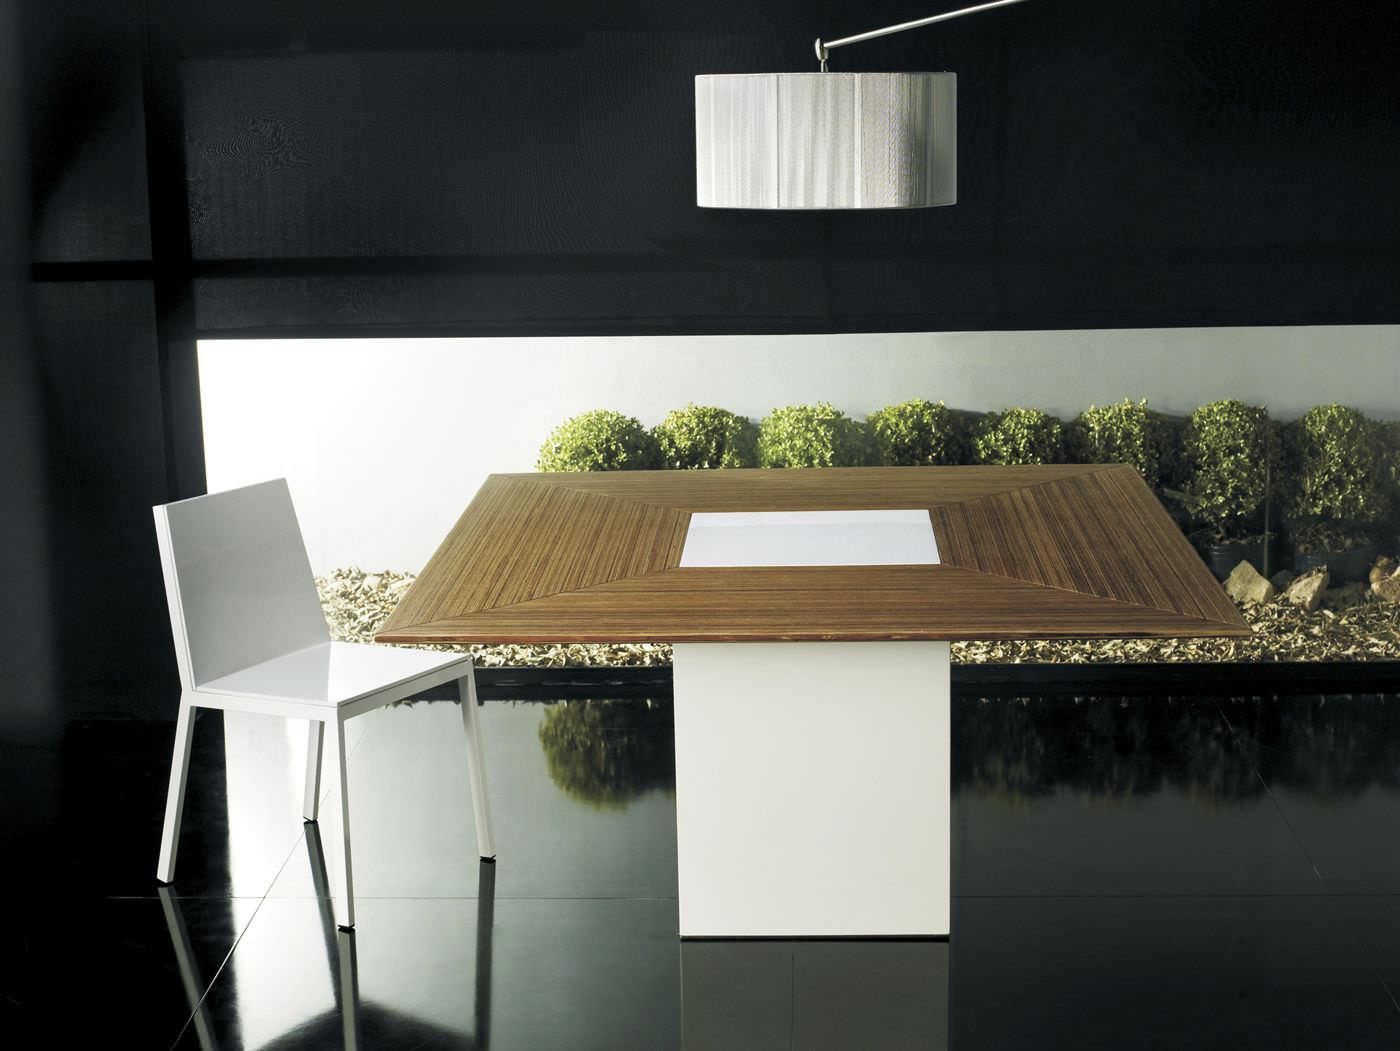 Tavolo da pranzo moderno in vetro: tavolo da pranzo moderno ...